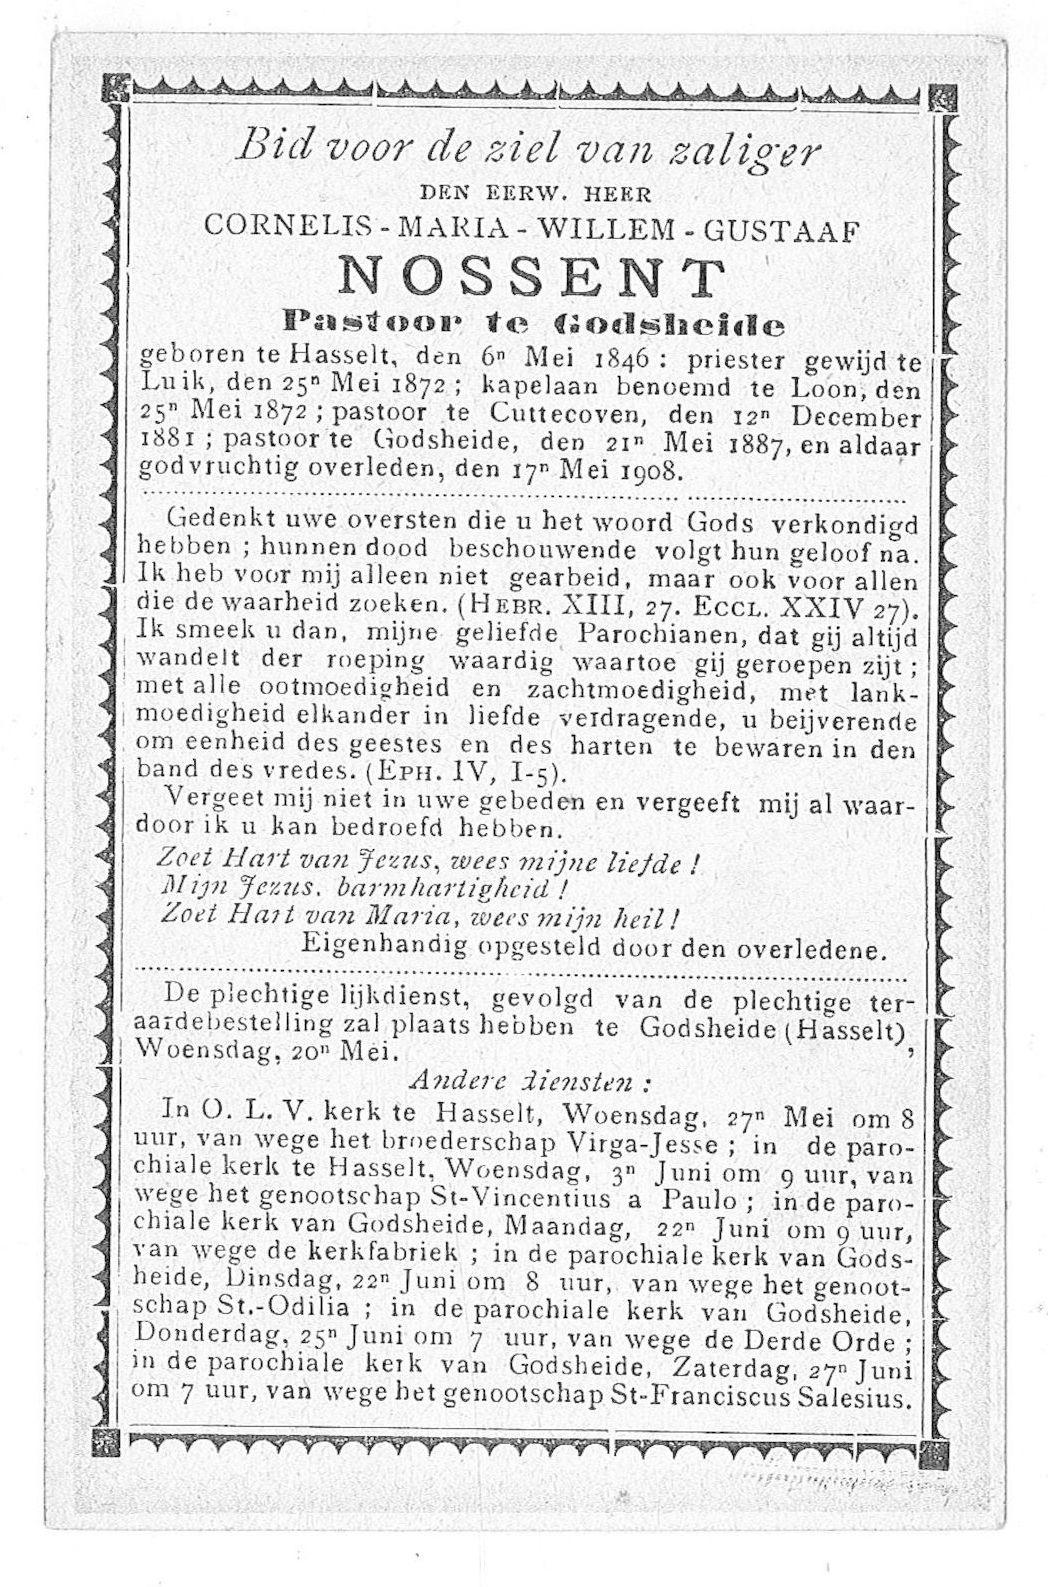 Cornelis-Maria-Willem-Gustaaf Nossent